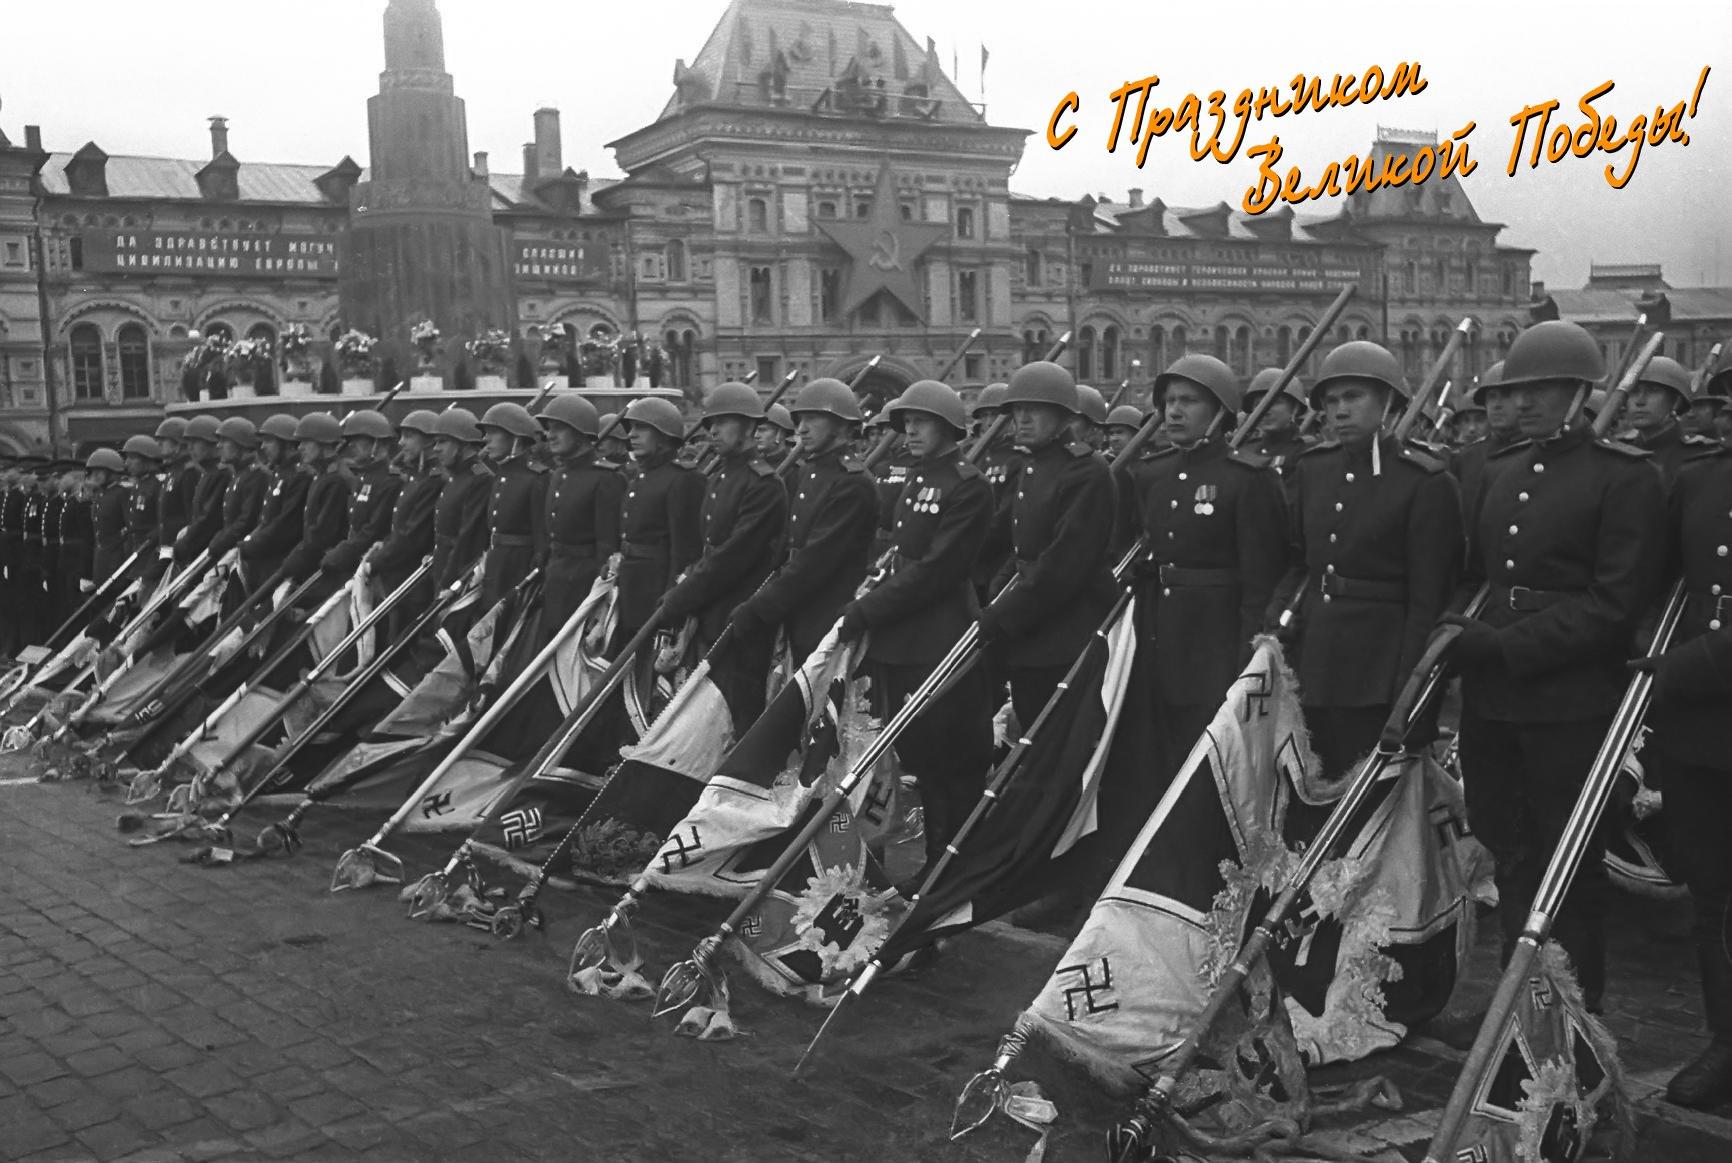 Уважаемые участники, поздравляем вас с праздником Великой Победы!